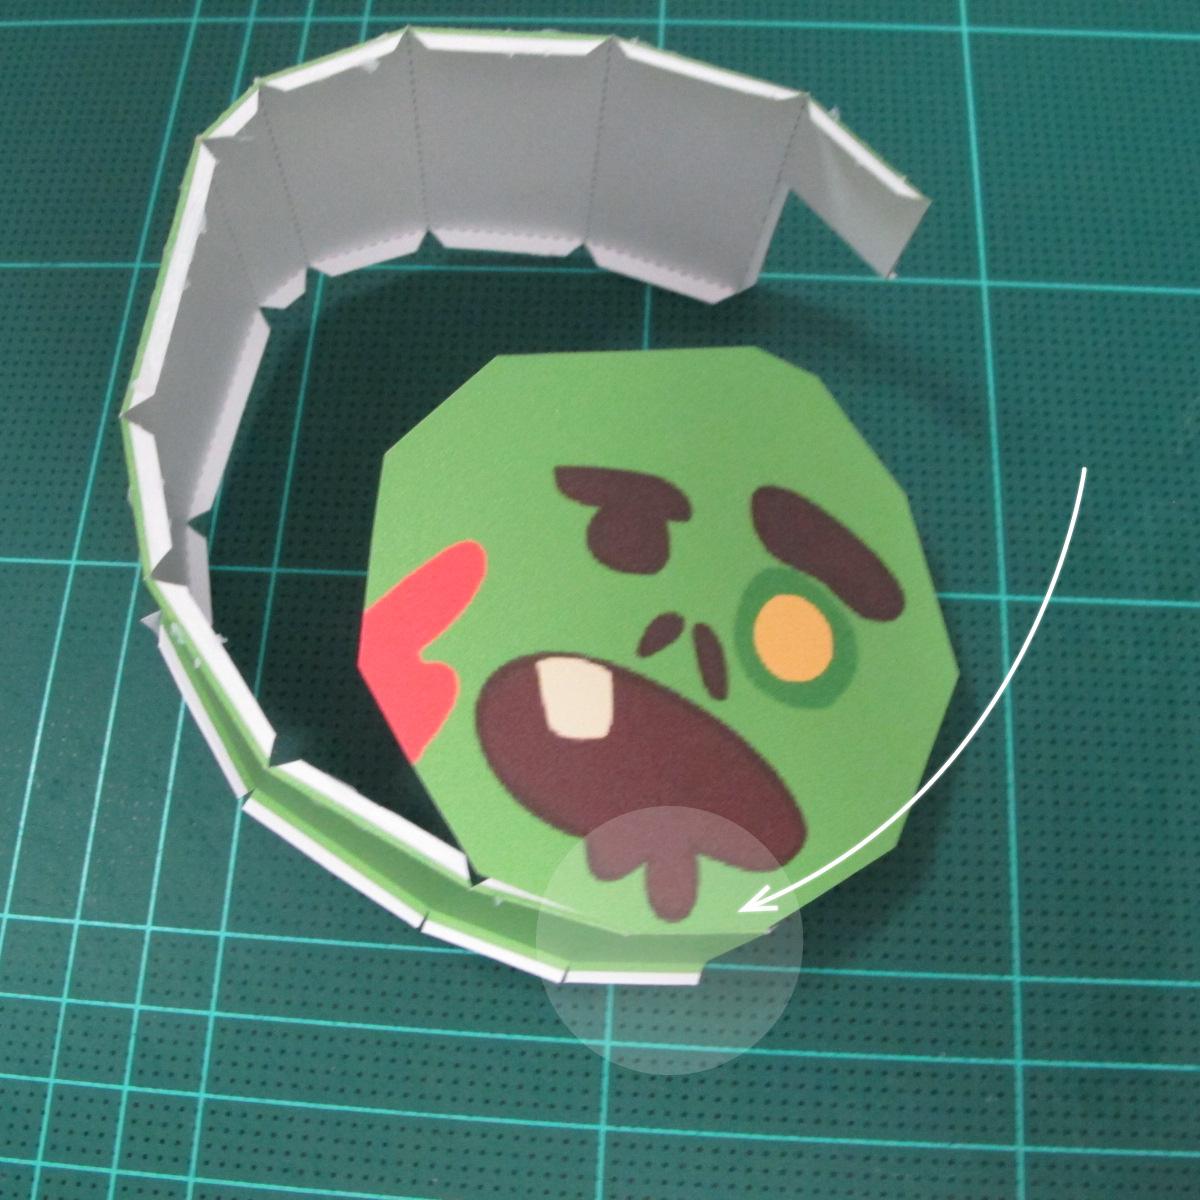 วิธีทำโมเดลกระดาษตุ้กตา คุกกี้ รัน คุกกี้รสซอมบี้ (LINE Cookie Run Zombie Cookie Papercraft Model) 002